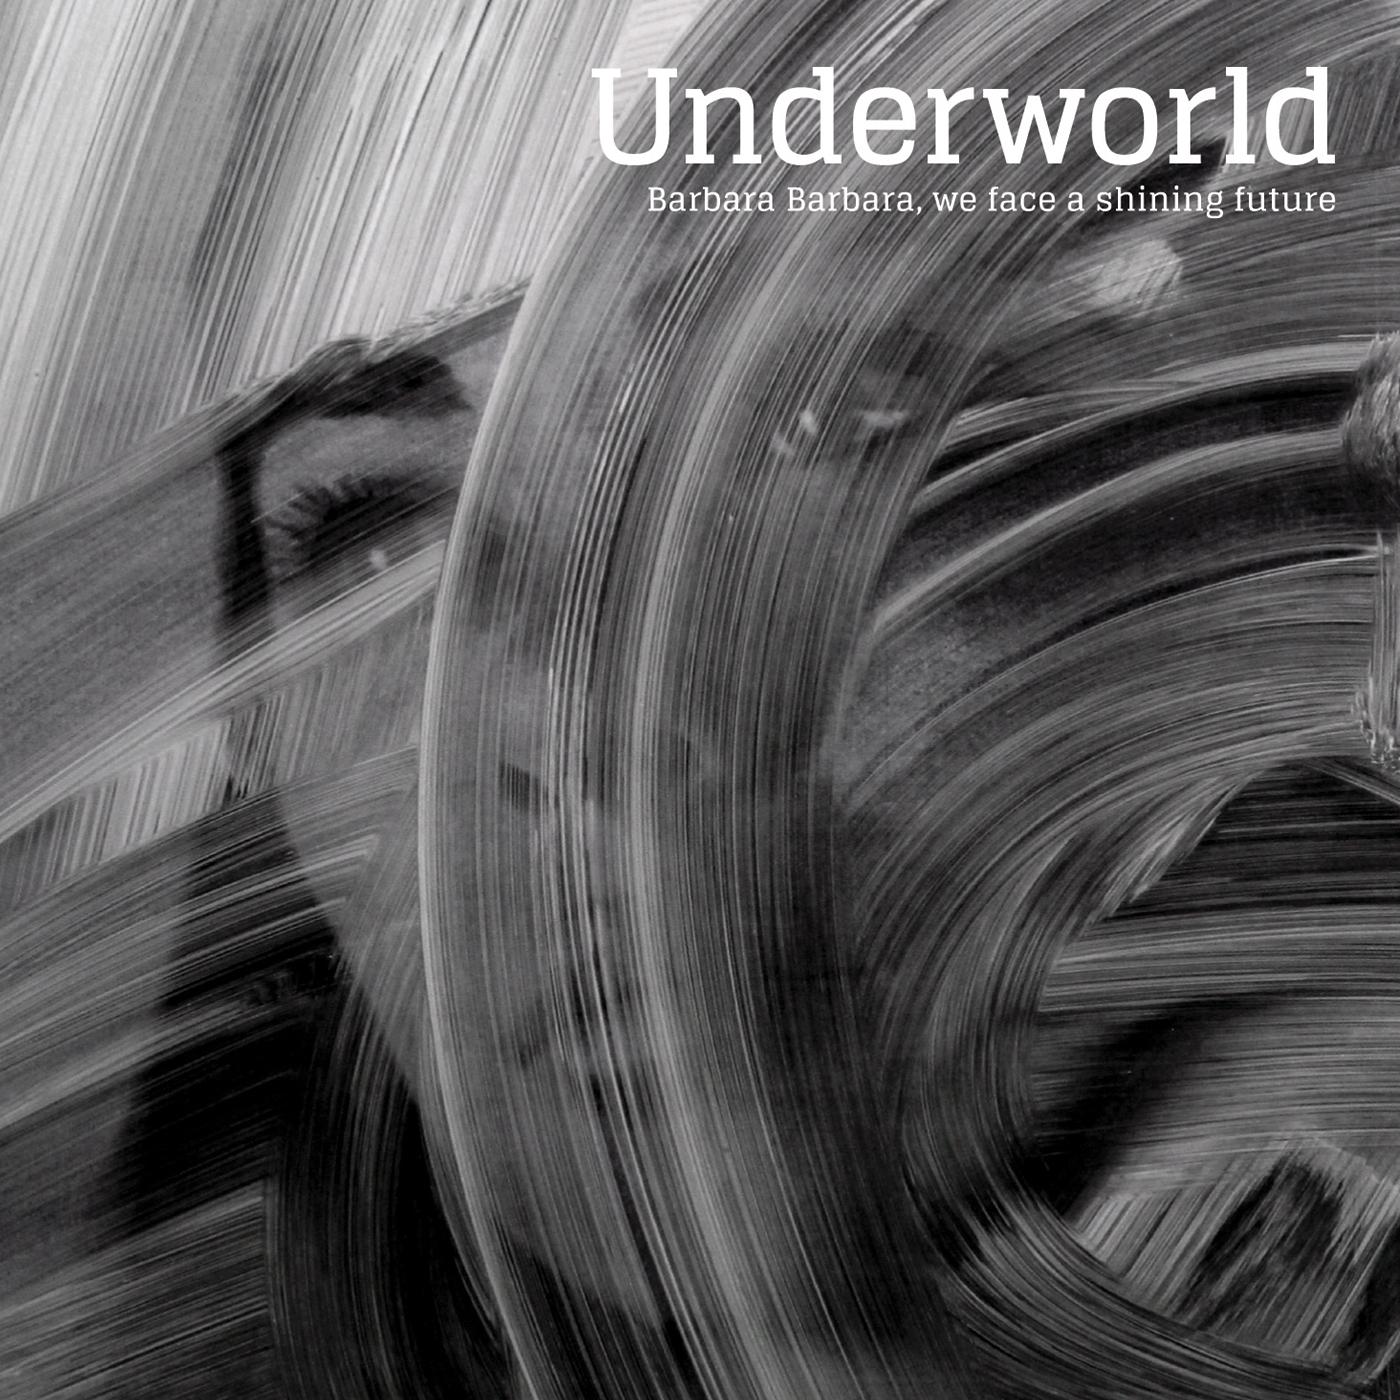 アンダーワールド、最新作完成。6年振りとなる最新アルバム。